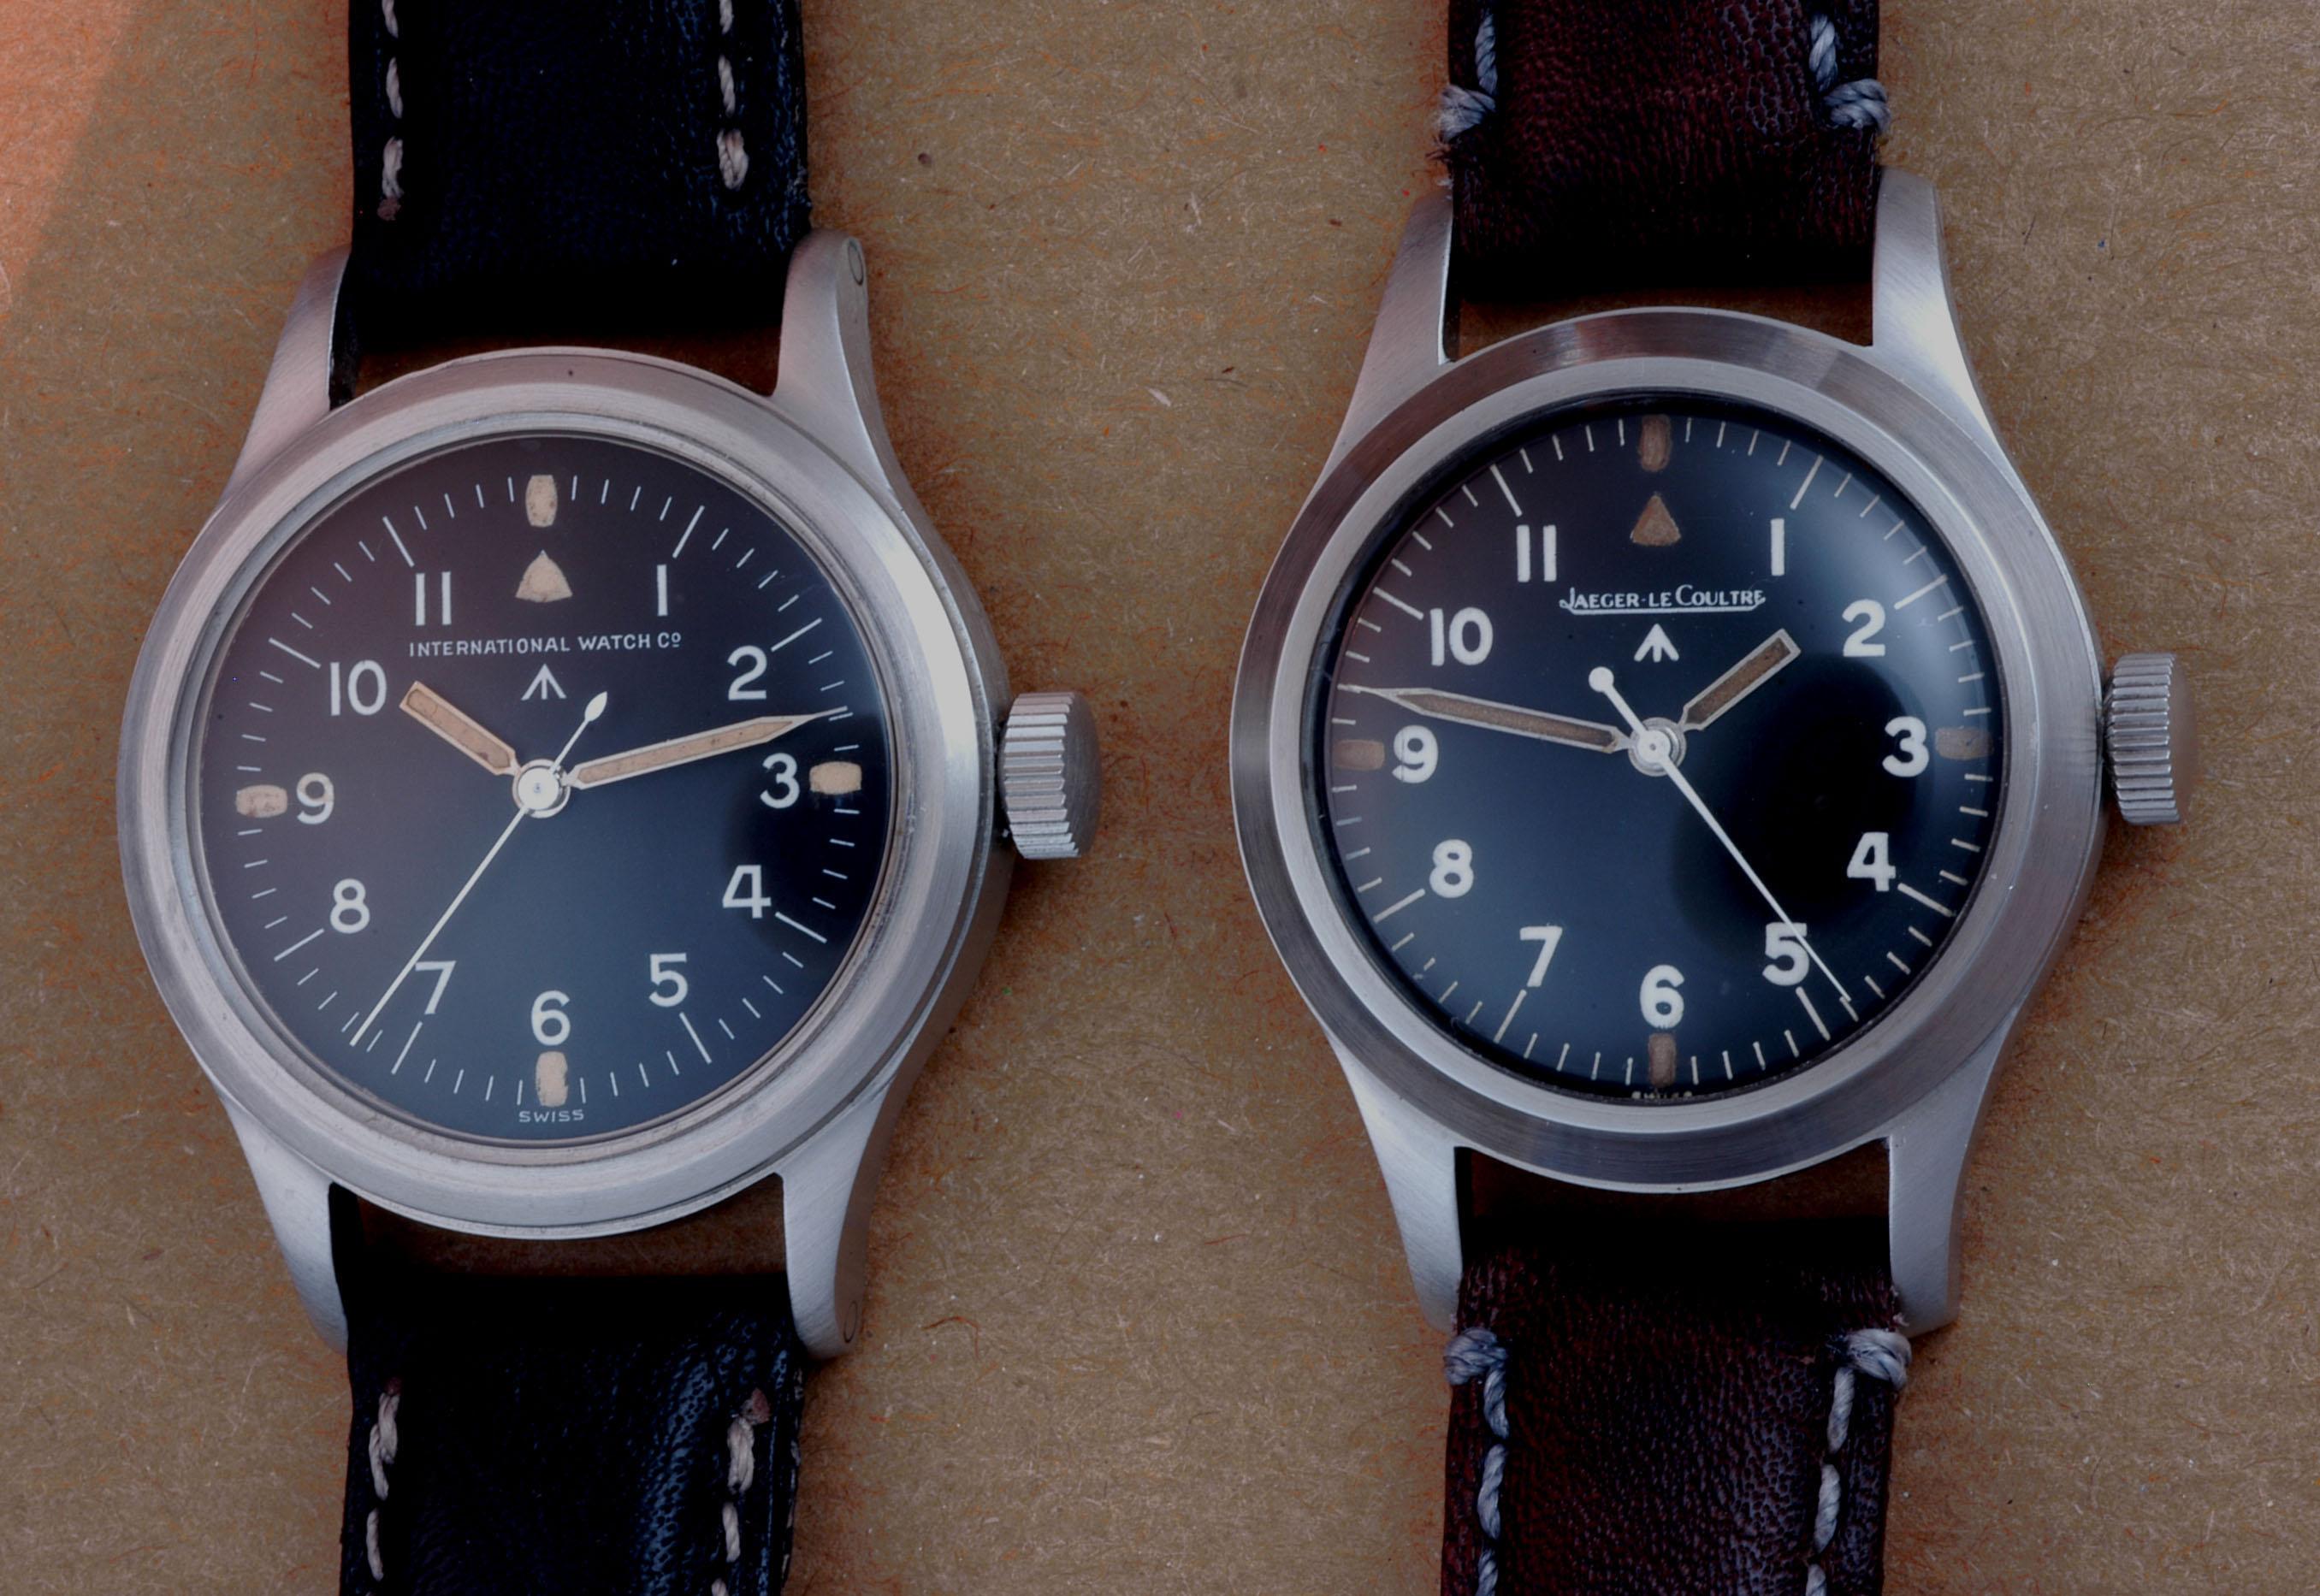 IWC et Jaeger Lecoultre Mark XI. Crédits photo : markeleven.com